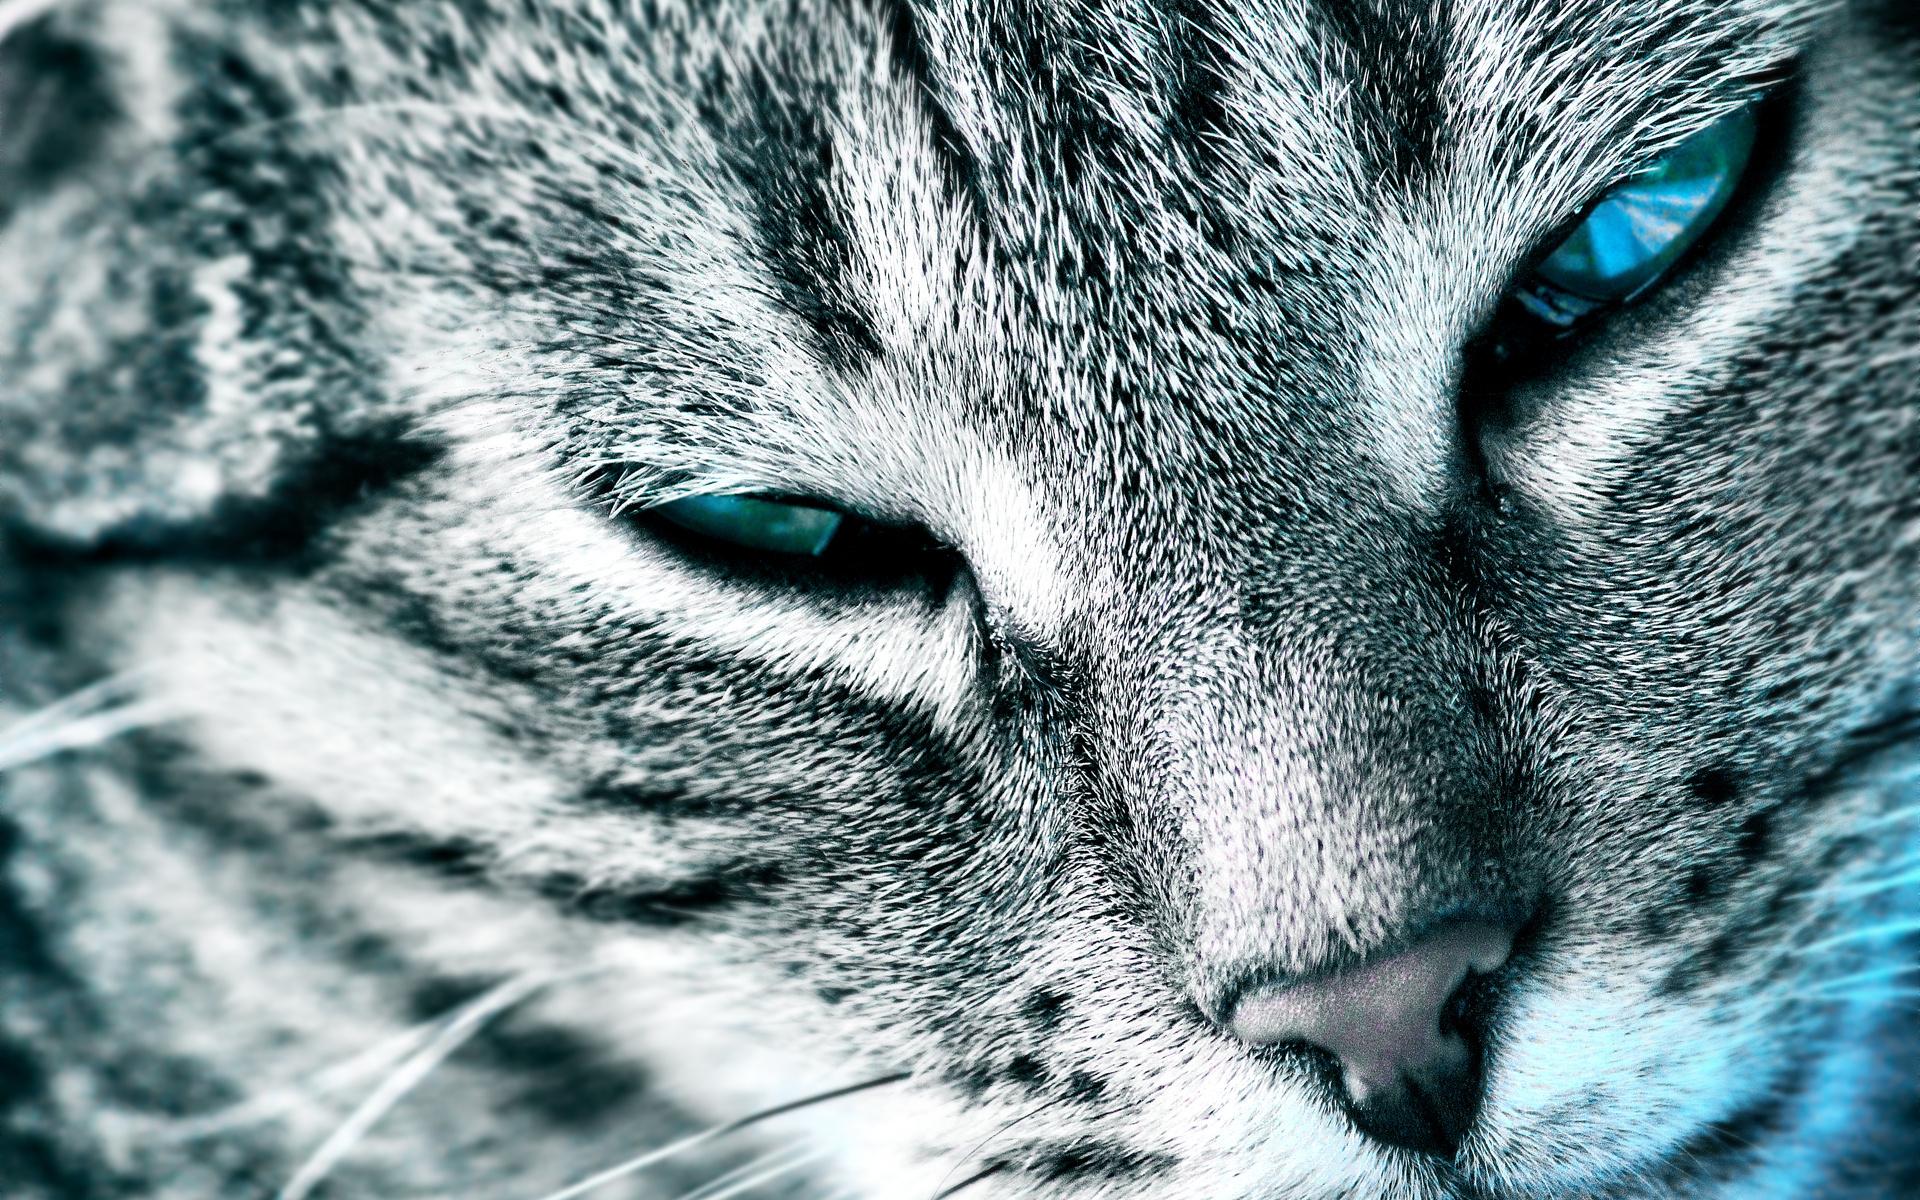 кошка глаза шерсть  № 1963608 бесплатно